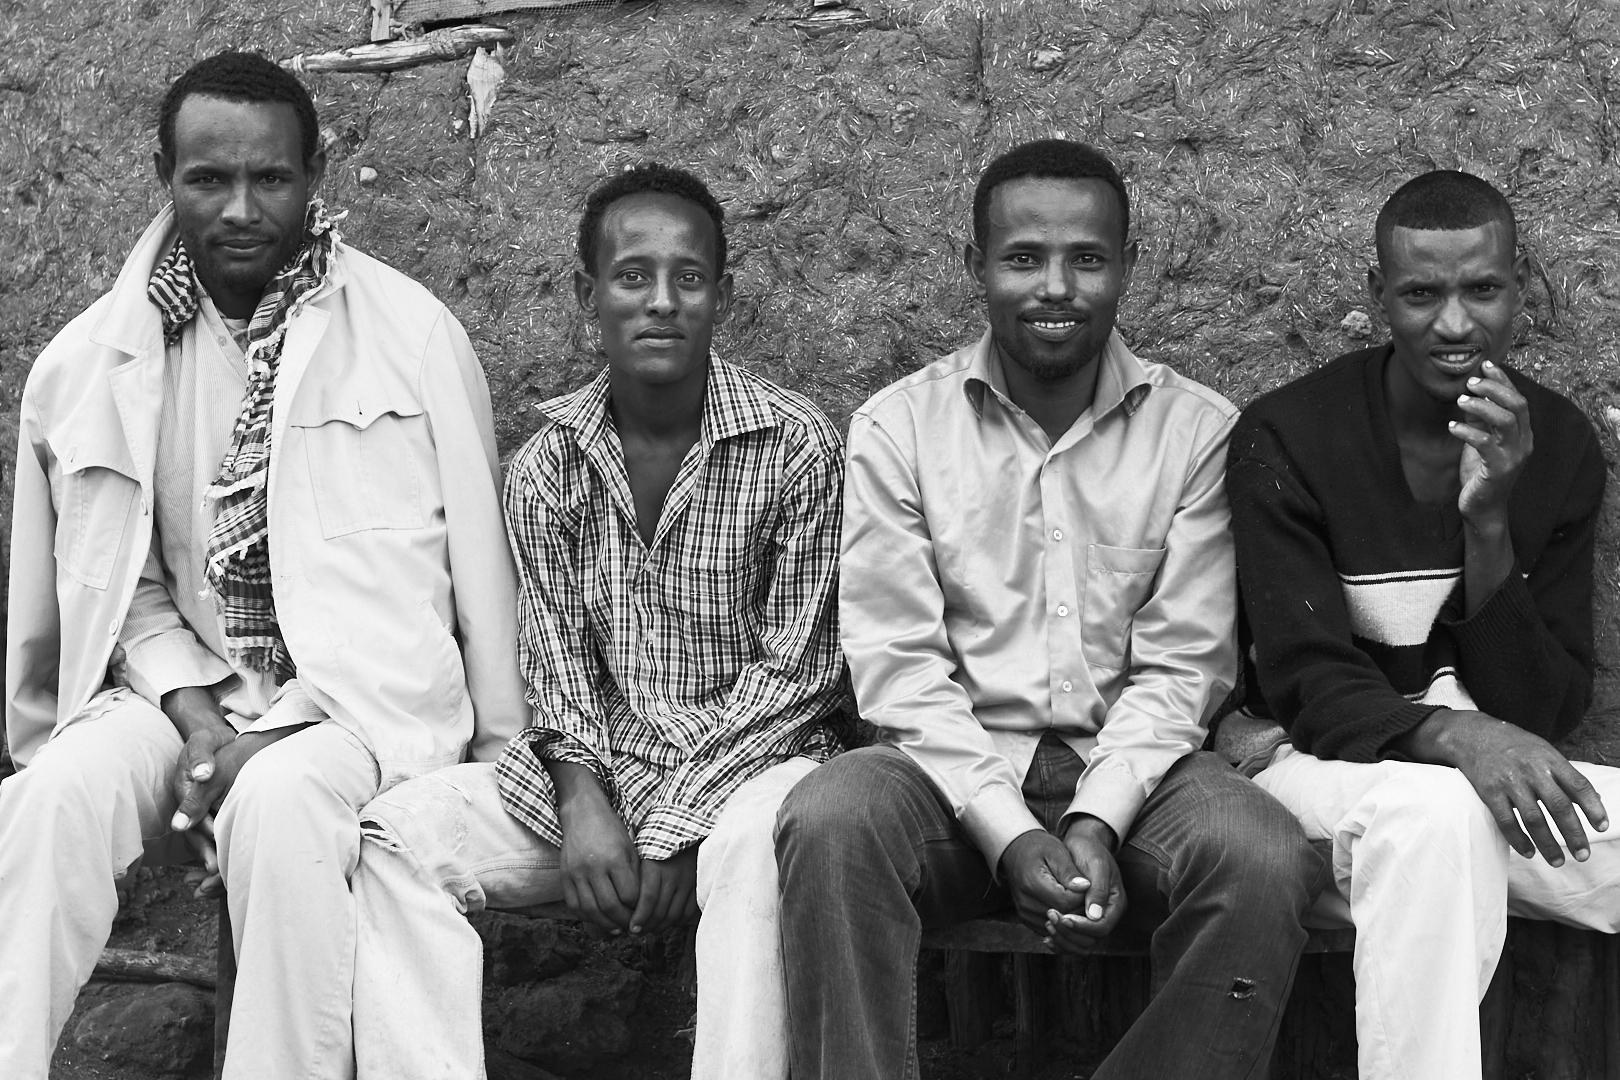 PVK Photo | Portraits de voyage | Portrait de quatre hommes ethiopien prêt de Sof Omar